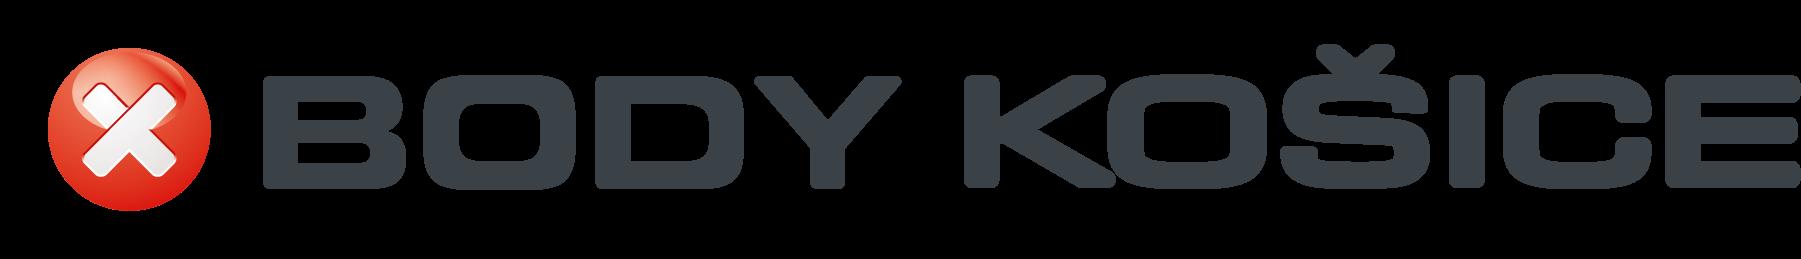 XBODY Kosice logo